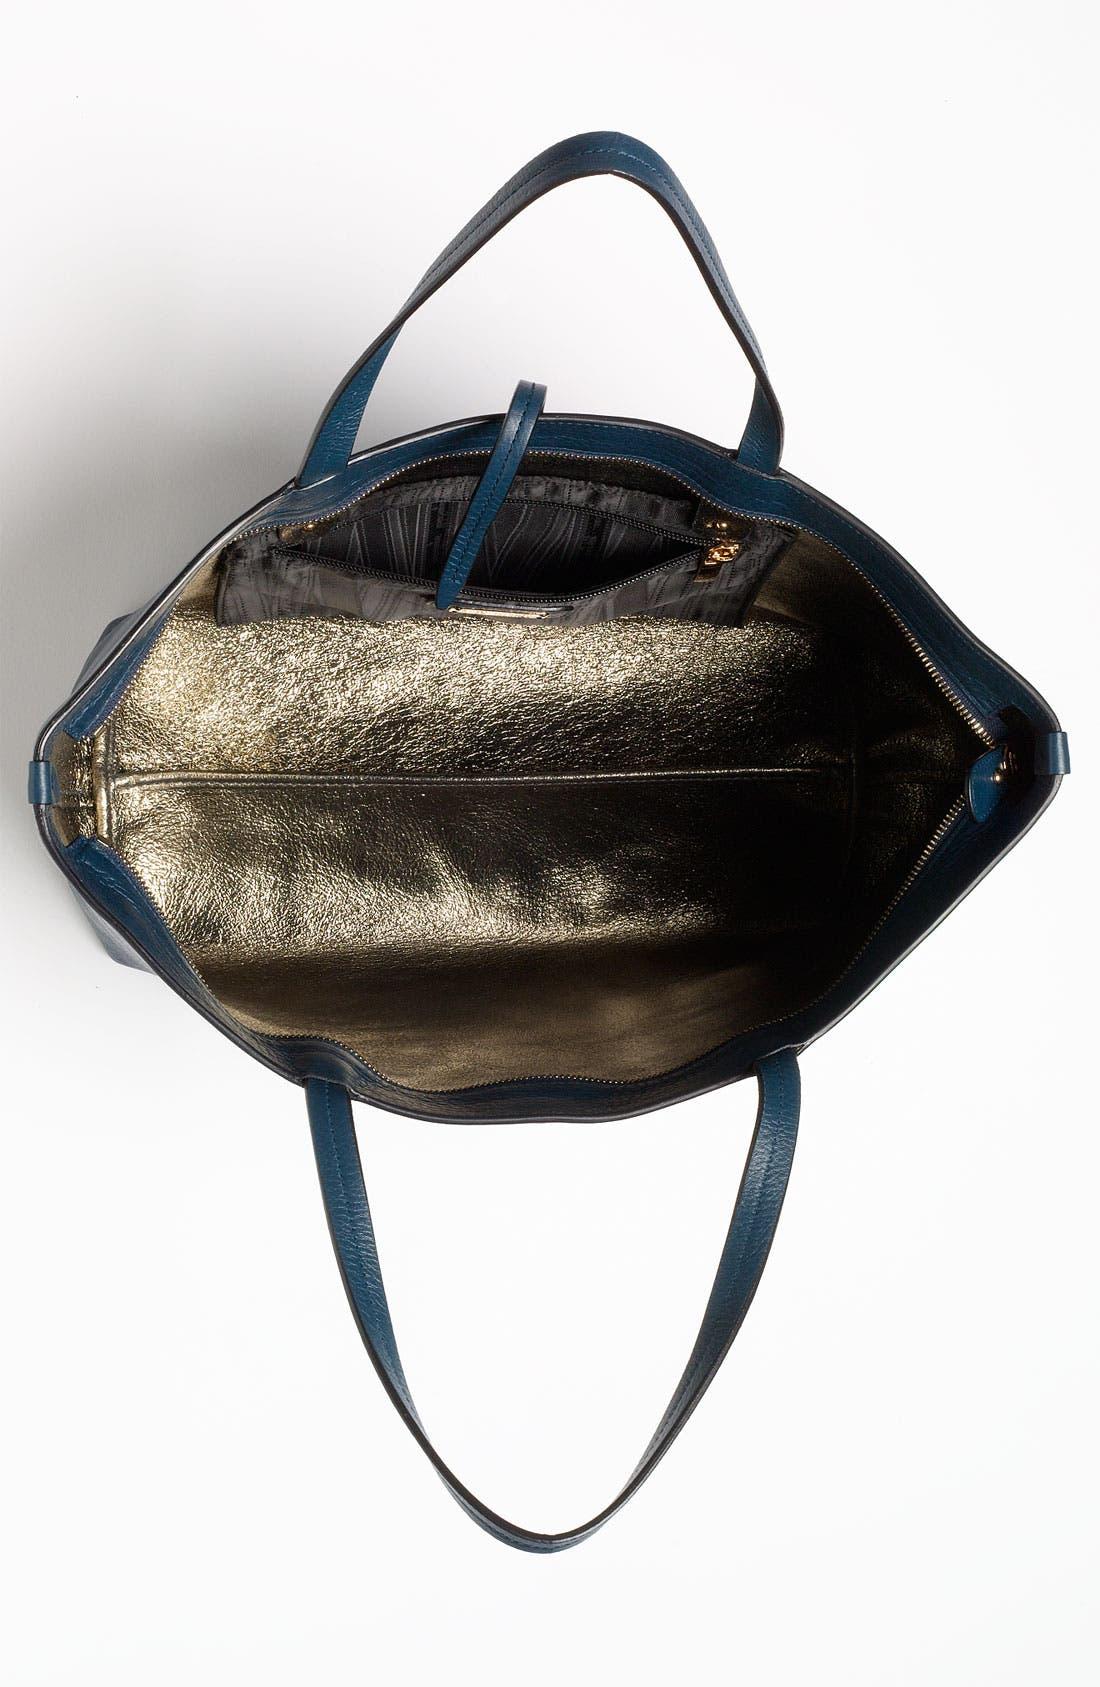 Alternate Image 3  - Salvatore Ferragamo 'Bice' Leather Tote